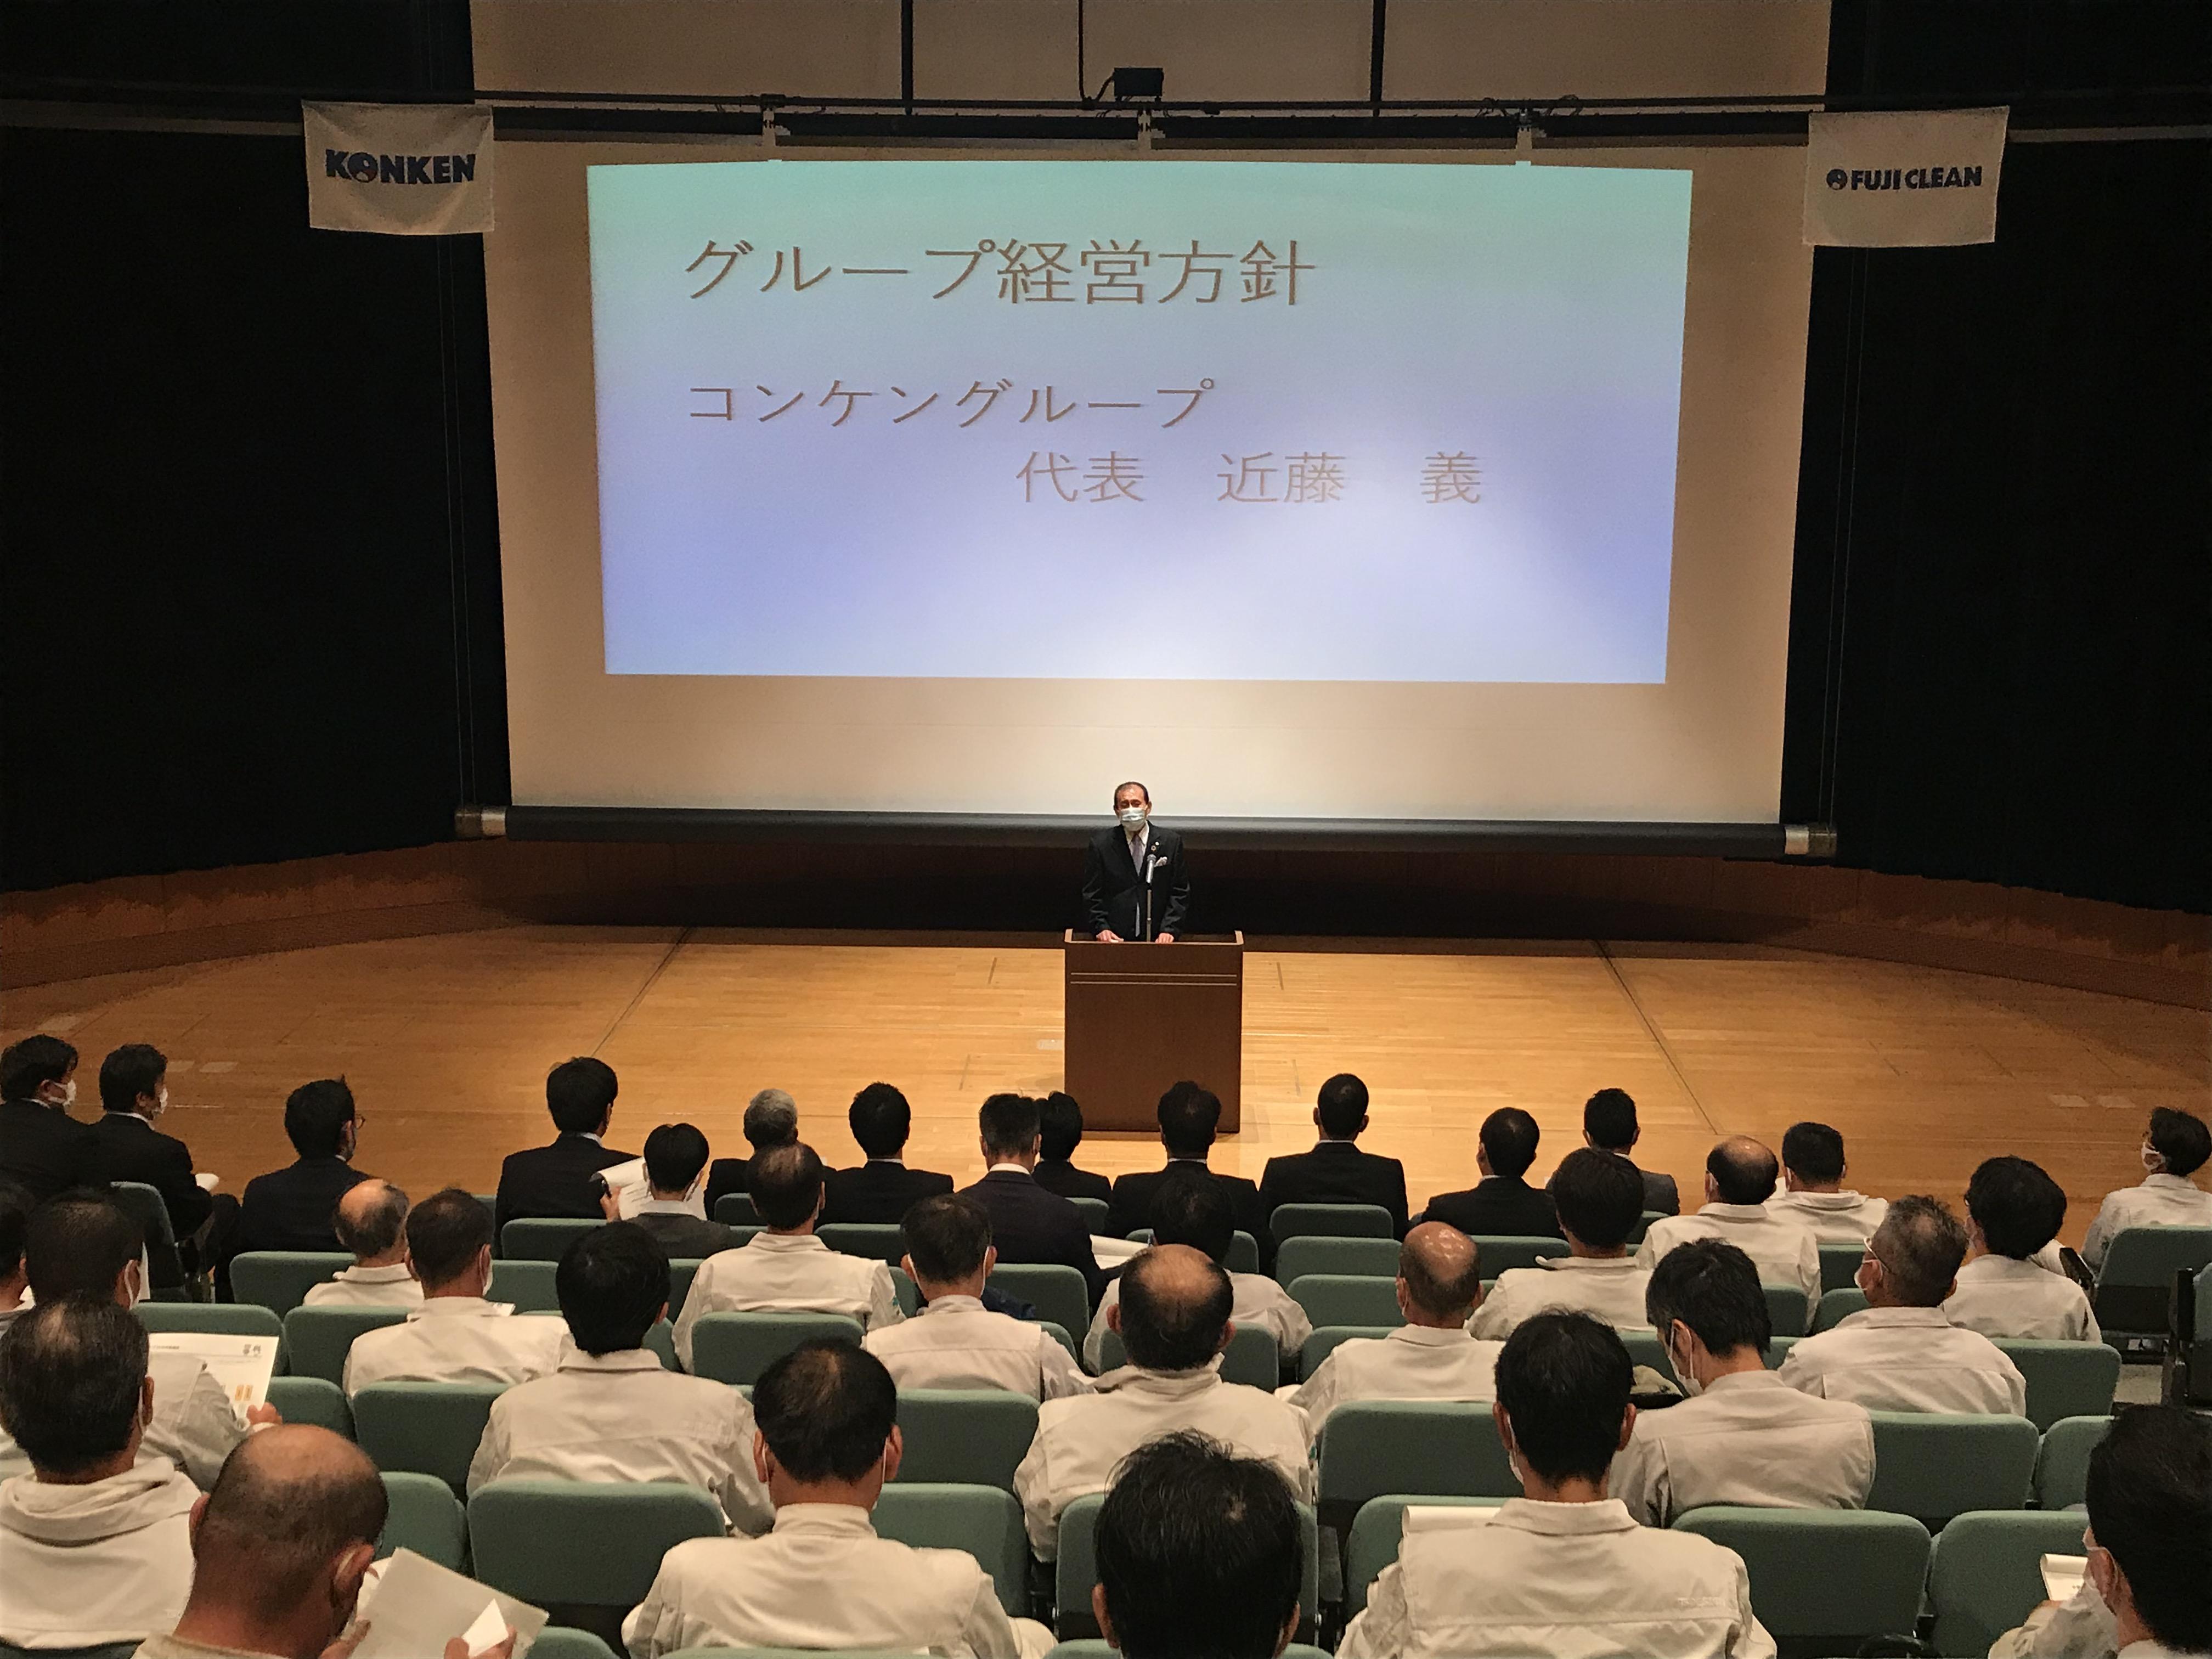 コンケングループ経営方針発表会